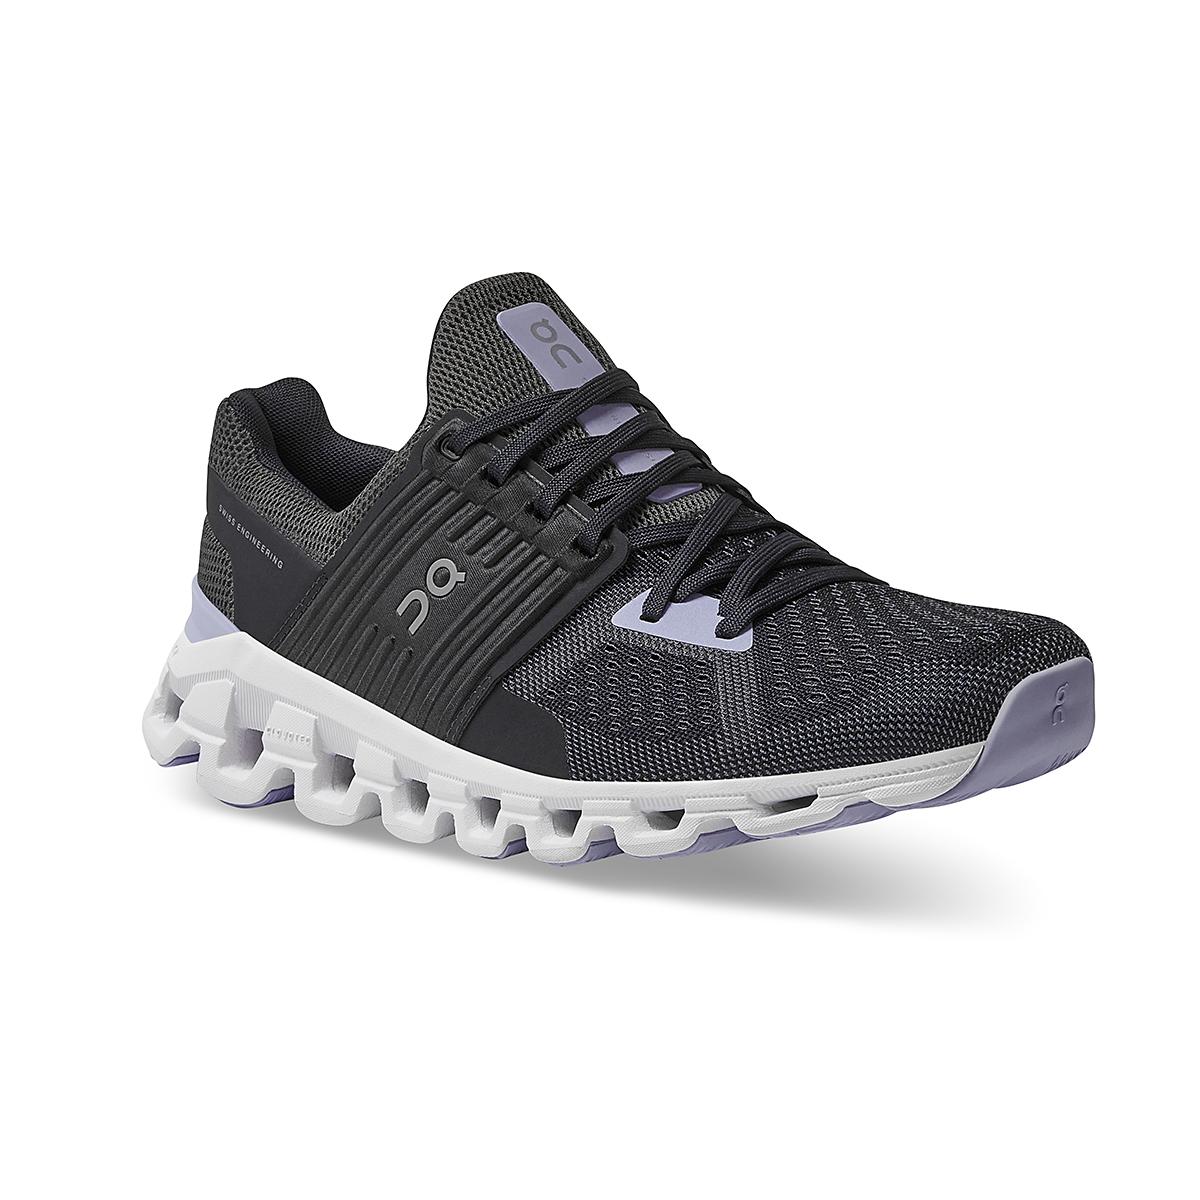 Women's On Cloudswift 2.0 Running Shoe - Color: Magnet/Lavender - Size: 5 - Width: Regular, Magnet/Lavender, large, image 3